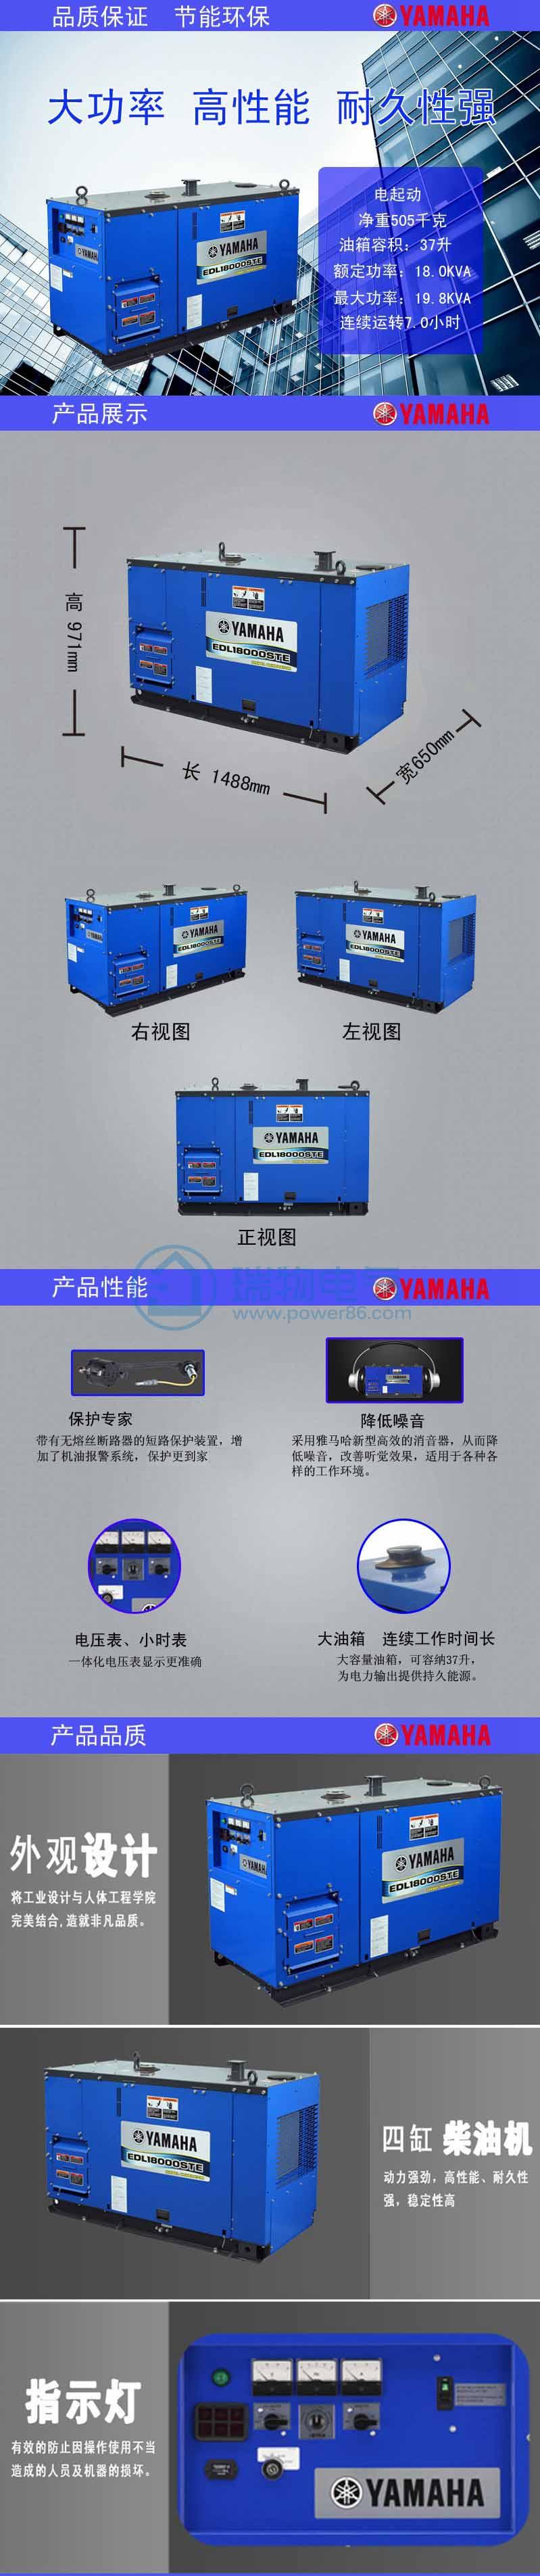 产品介绍http://www.power86.com/rs1/generator/152/157/380/380_c0.jpg